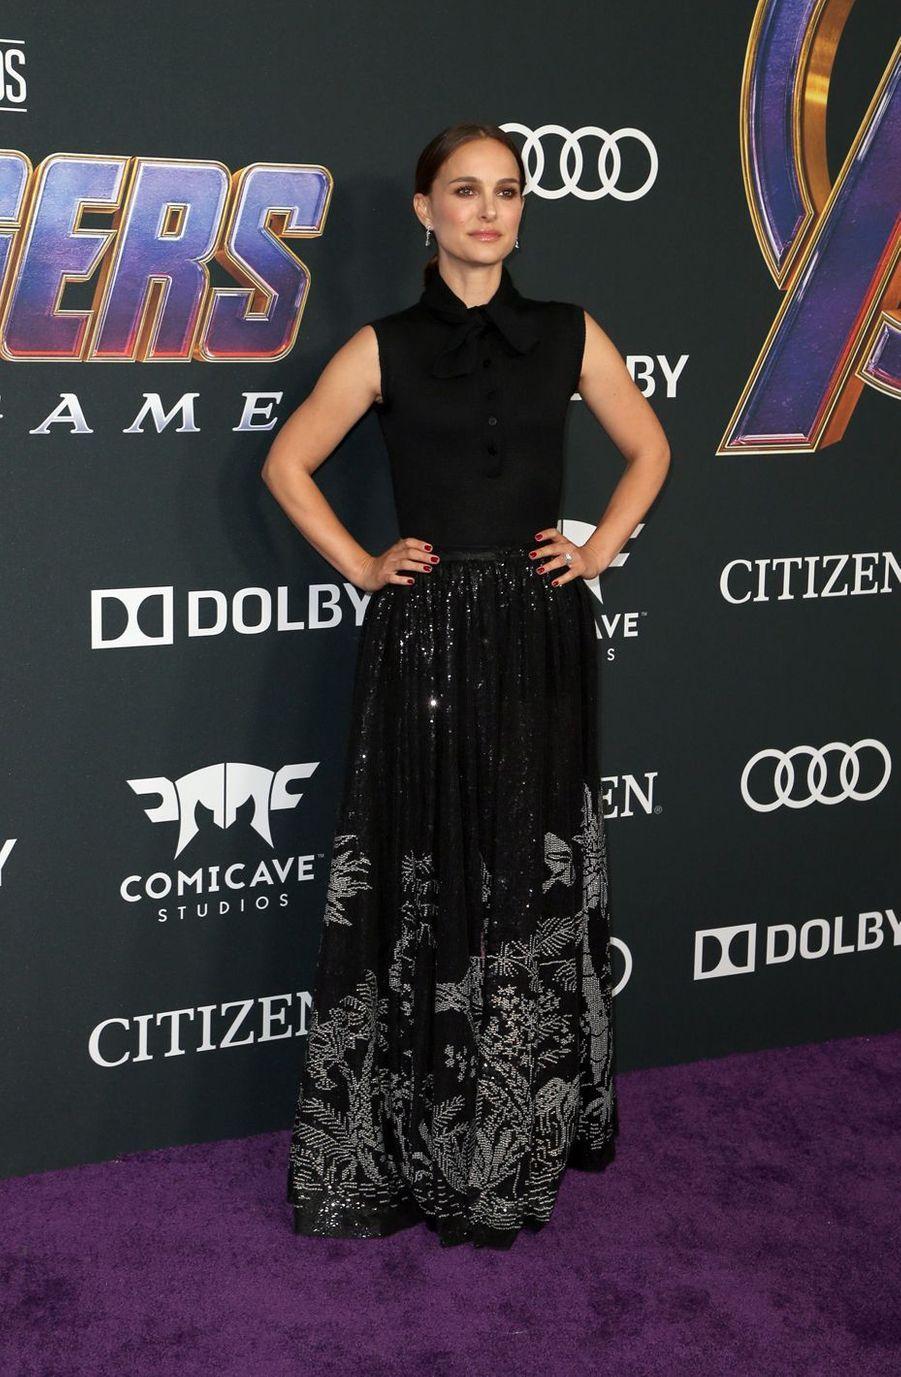 Natalie Portmanà l'avant-première d'«Avengers : Endgame» à Los Angeles le 22 avril 2019